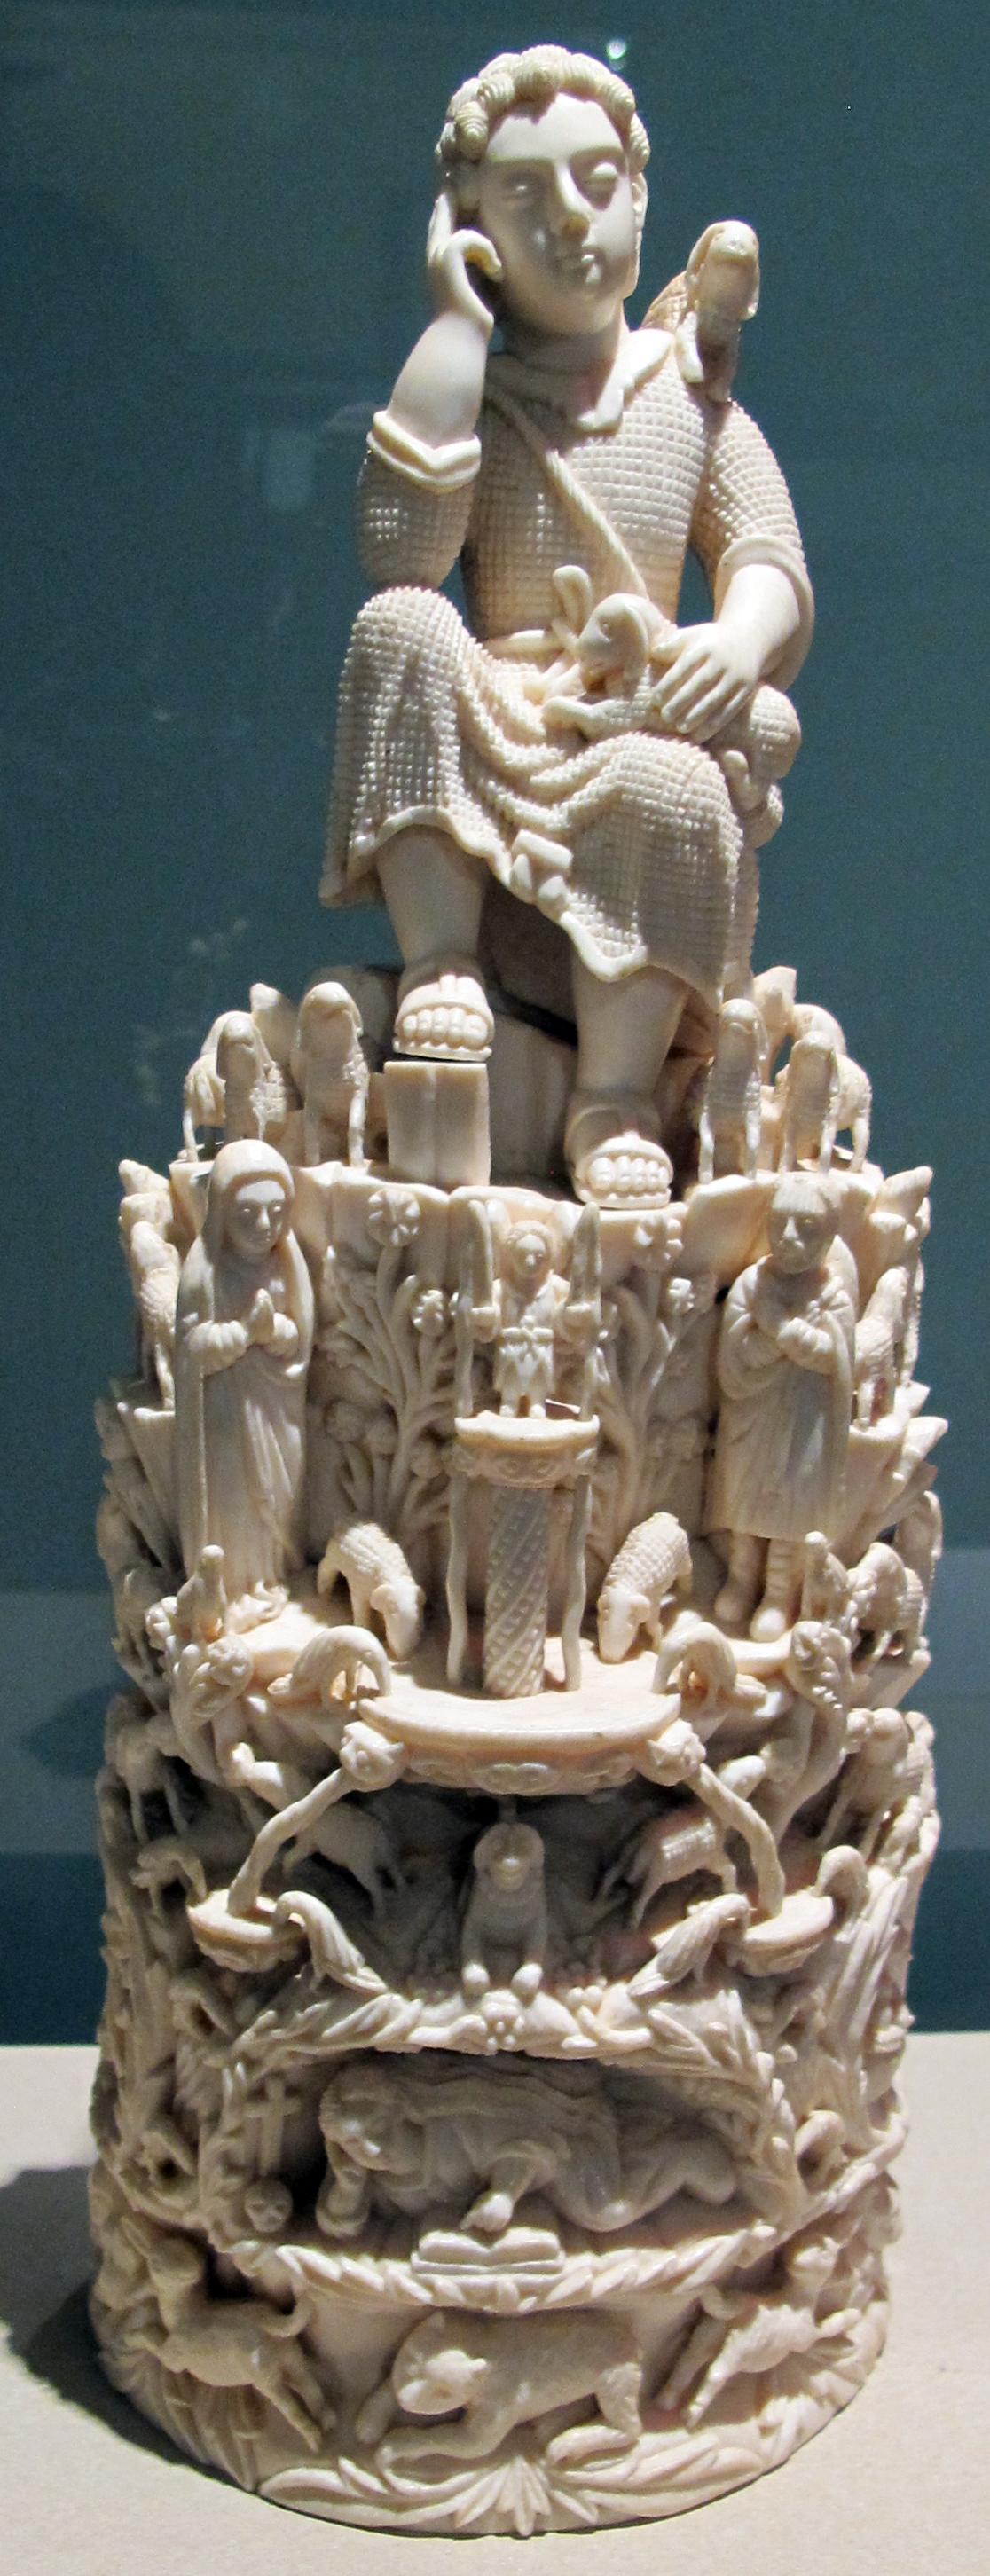 Museo Di Arte Decorative Mayer